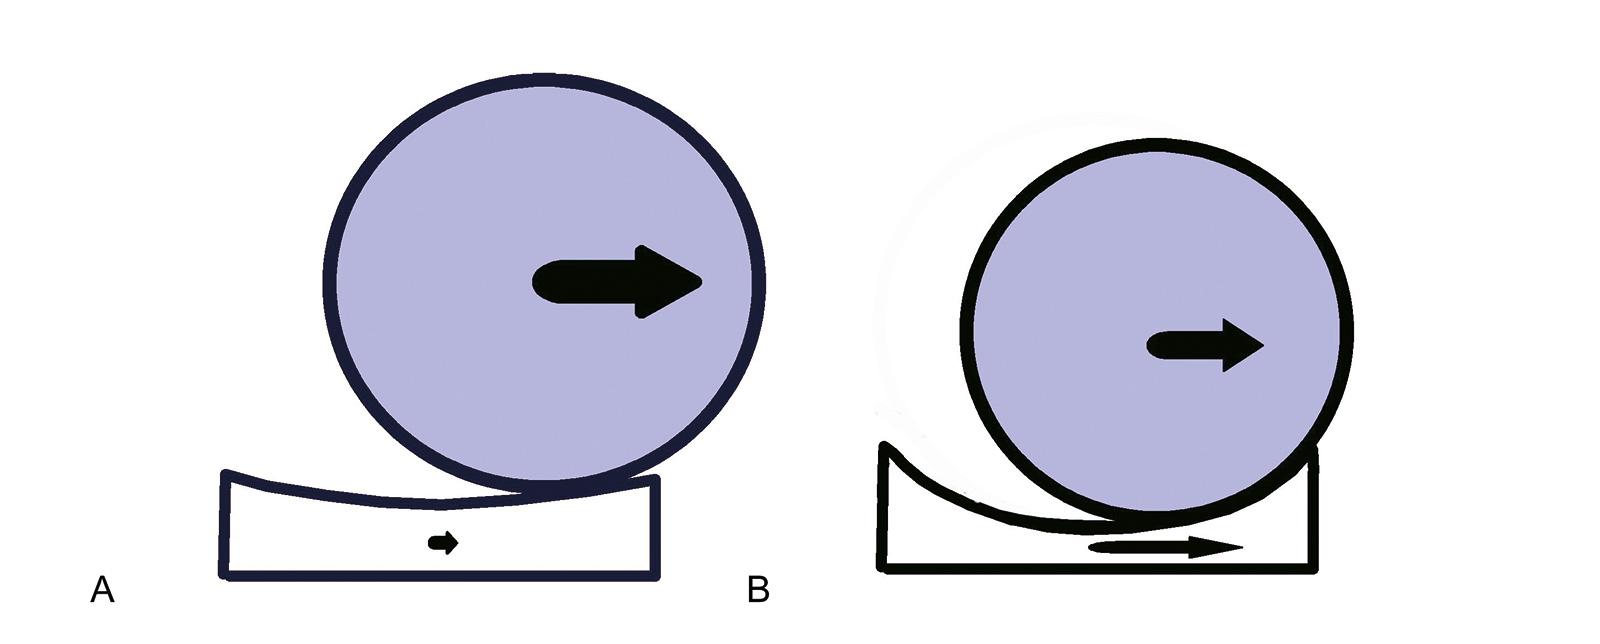 Abb. 1-58: Translationskräfte, die auf den Humeruskopf wirken, werden bei einer flachen Glenoidkomponente nicht auf das Glenoid übertragen (A). Bei einer stärkeren Konformität werden Kräfte in einem größeren Umfang auf die Pfanne und deren Knochen-Implant